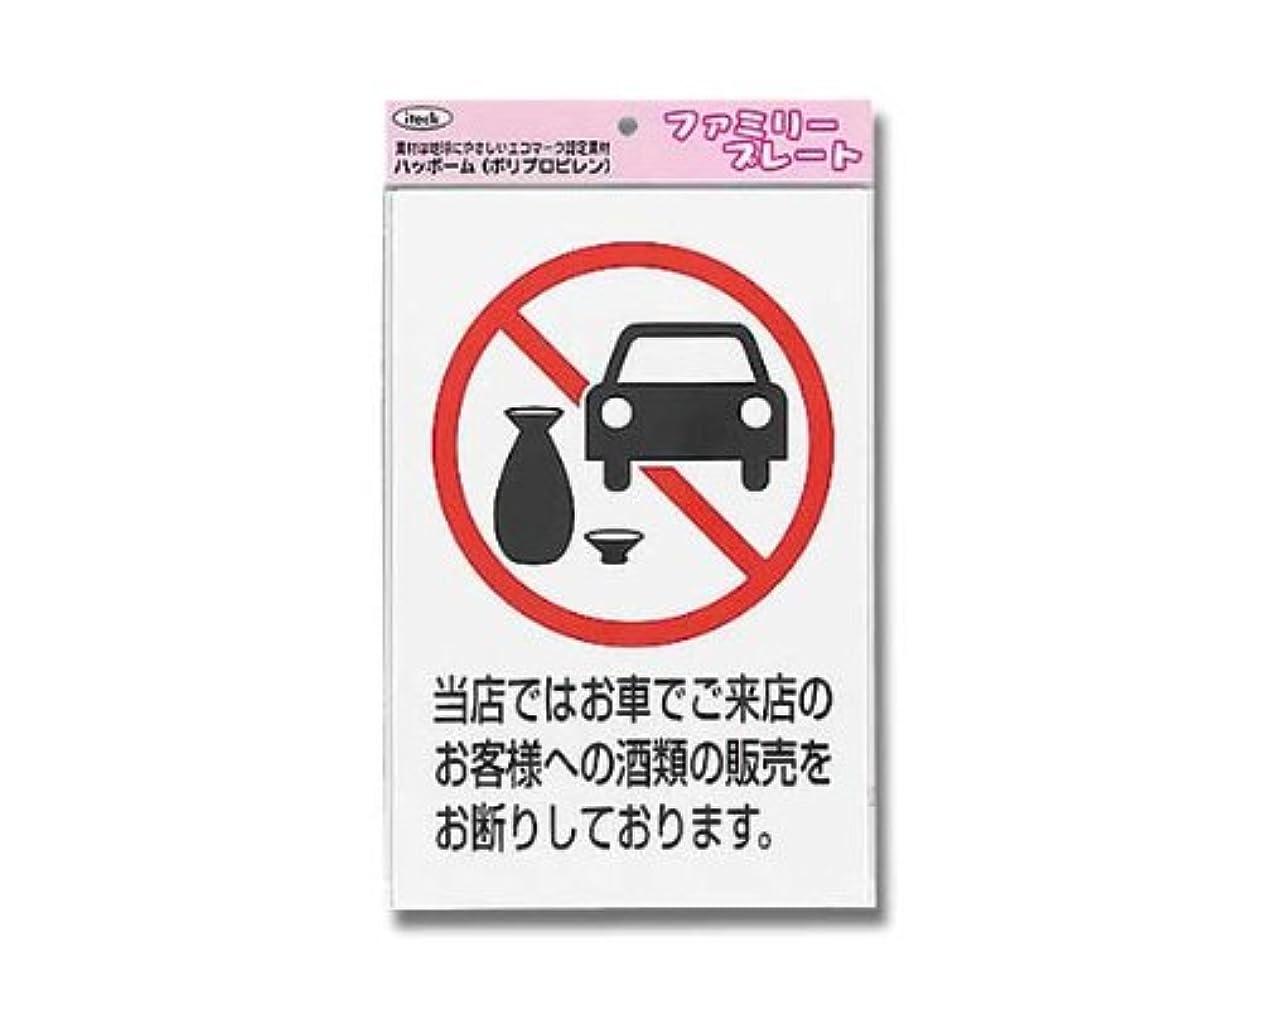 閲覧するパンダ記念碑的な光 アイテック ファミリープレート当店ではお車でご来店のお客様への酒類の販売をお断りしております。 00874643-1 KP329-7